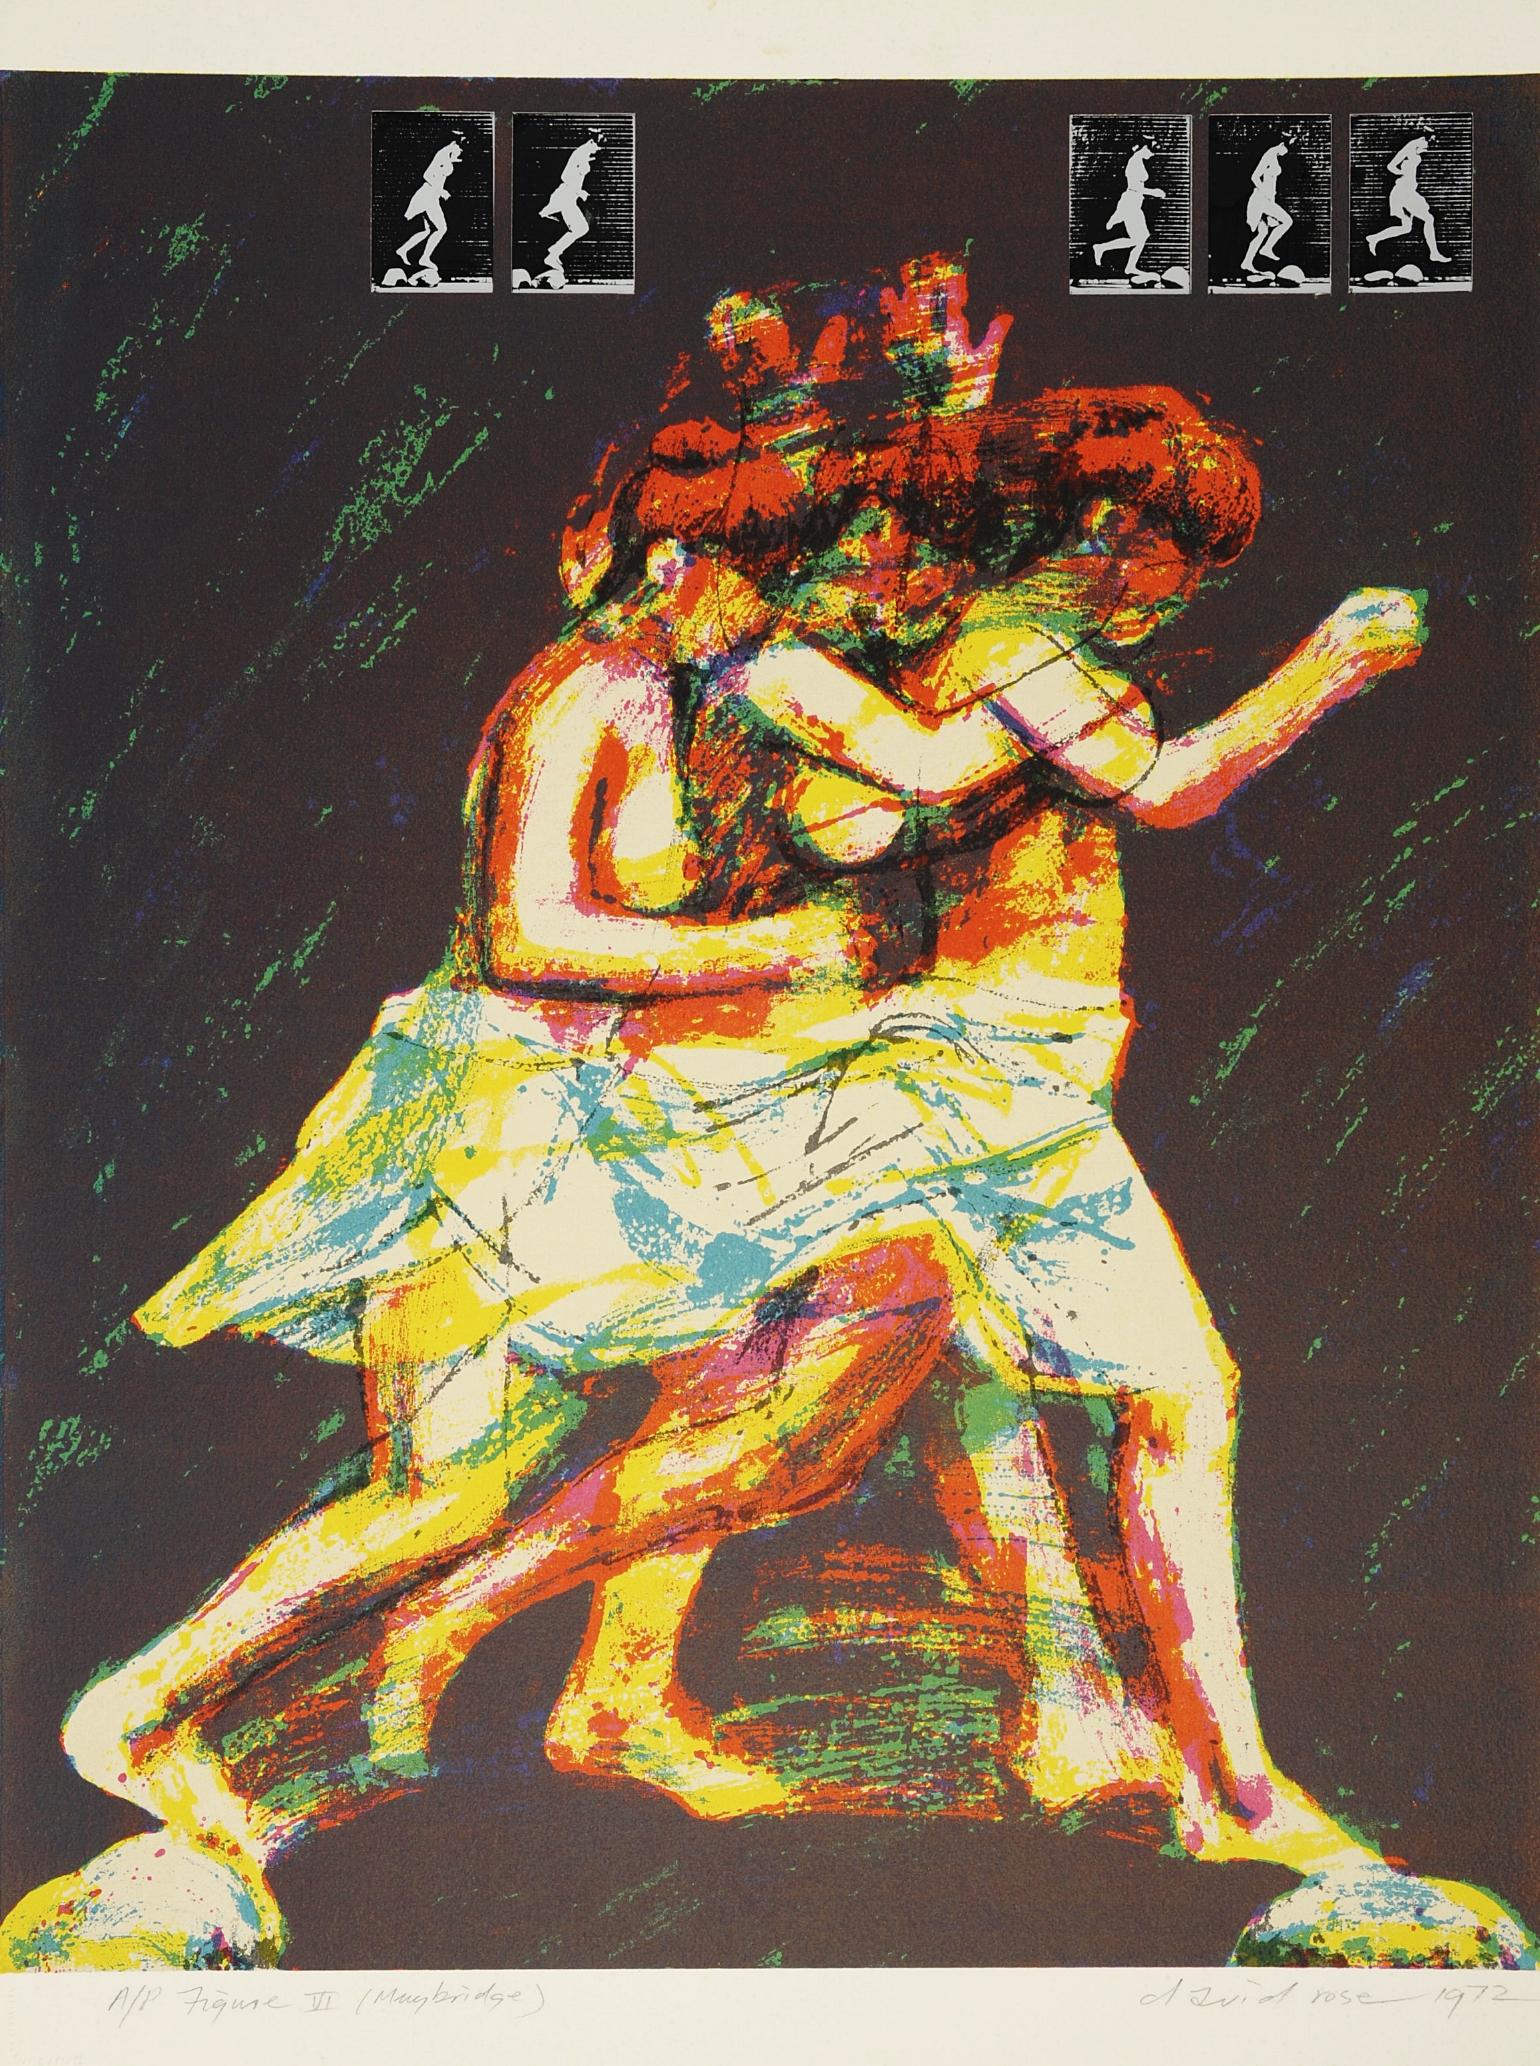 1972 Figure VI (Muybridge).JPG